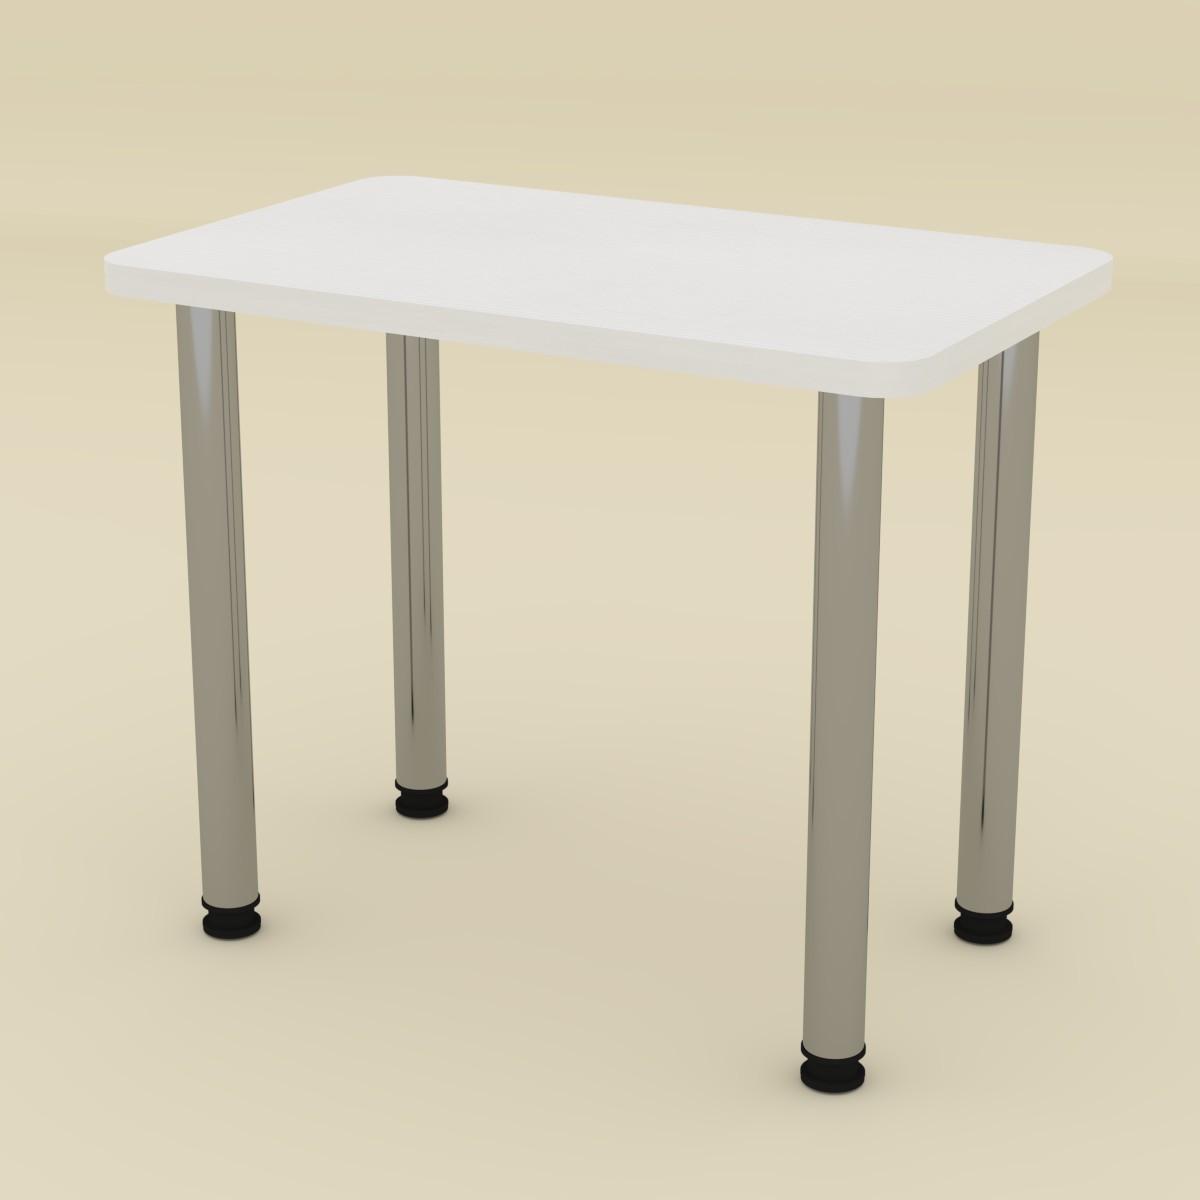 Стол кухонный КС-9 белый Компанит (90х55х73 см)